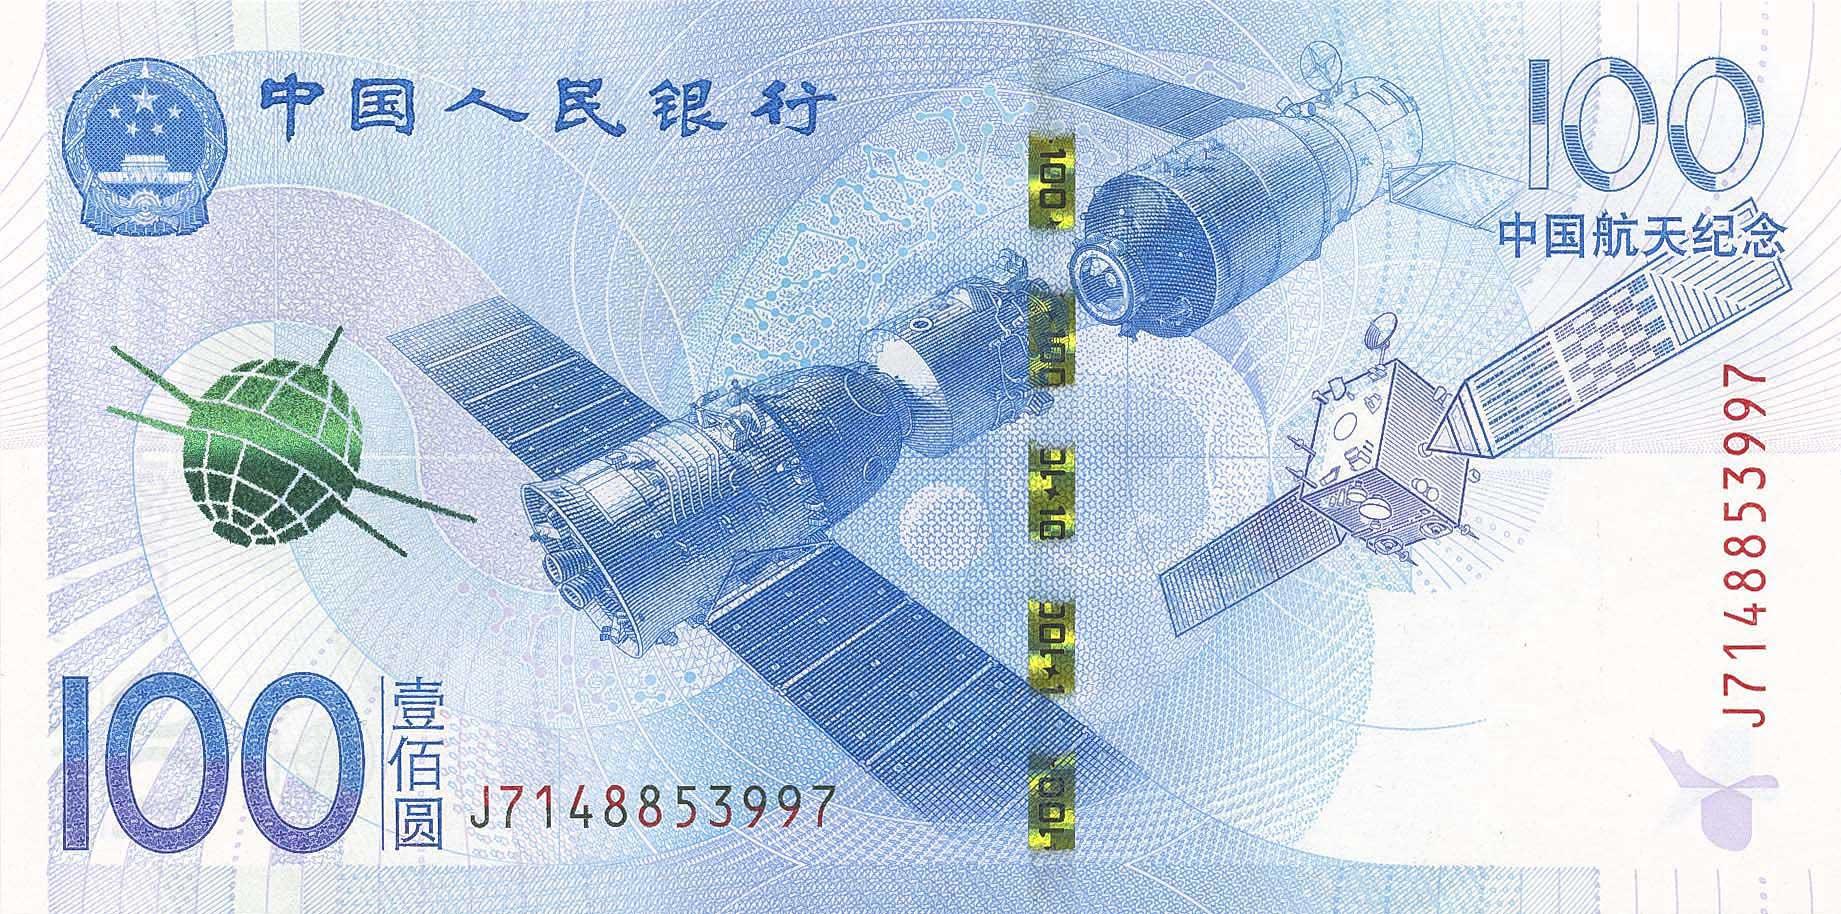 CHN-0914-a